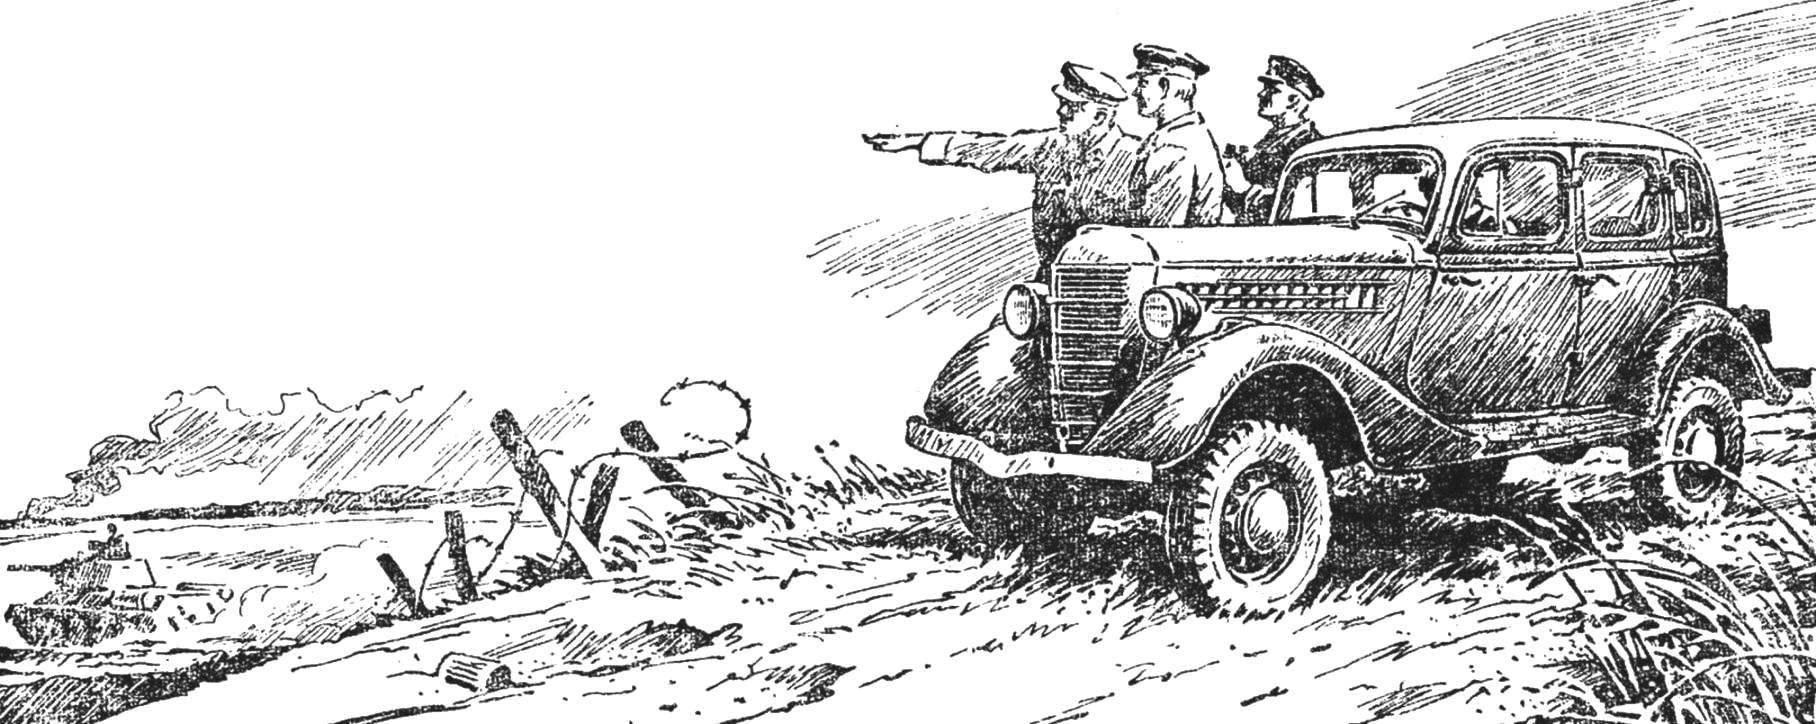 По разбитым гусеницами танков дорогам, по изрытой снарядами пашне, по улицам разрушенных городов она прошла до Берлина — историческая «эмка»-вездеход ГАЗ-61-73 — один из лучших автомобилей Великой Отечественной войны.